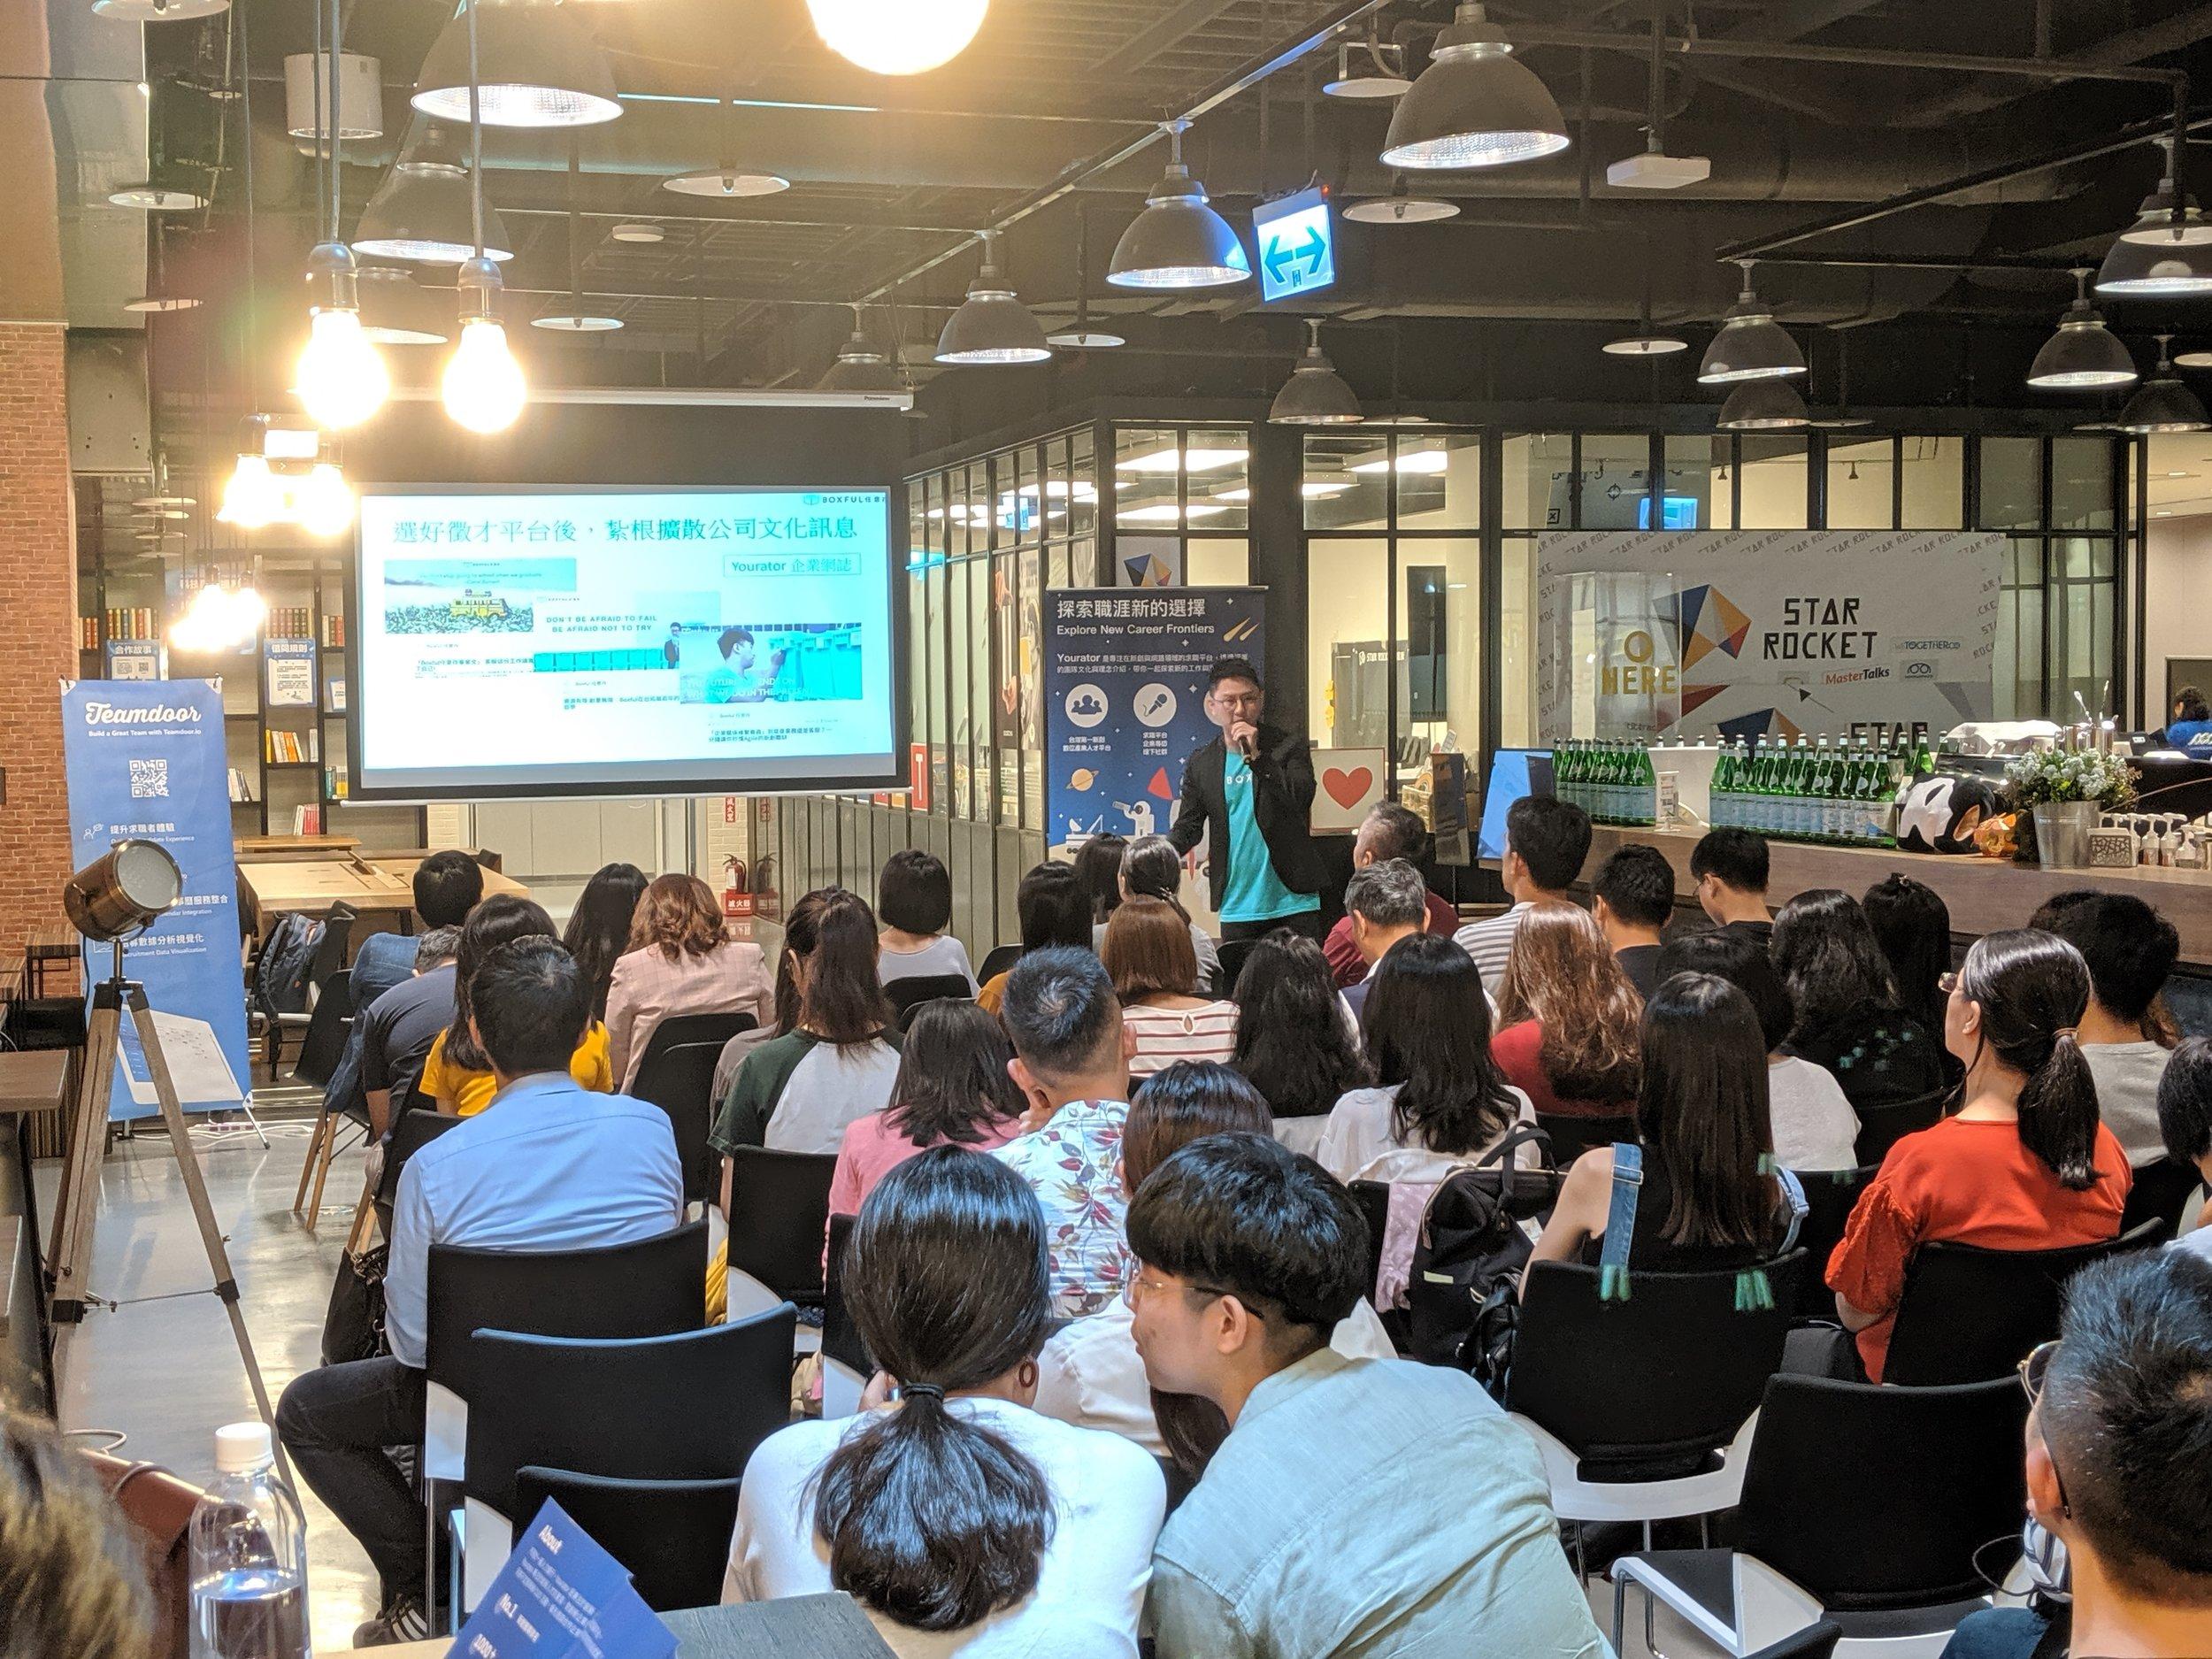 (圖三) Boxful 任意存台灣區總經理 Casper 分享 Boxful 任意存如何擴散「公司文化」,幫助團隊精準找到契合的人才。